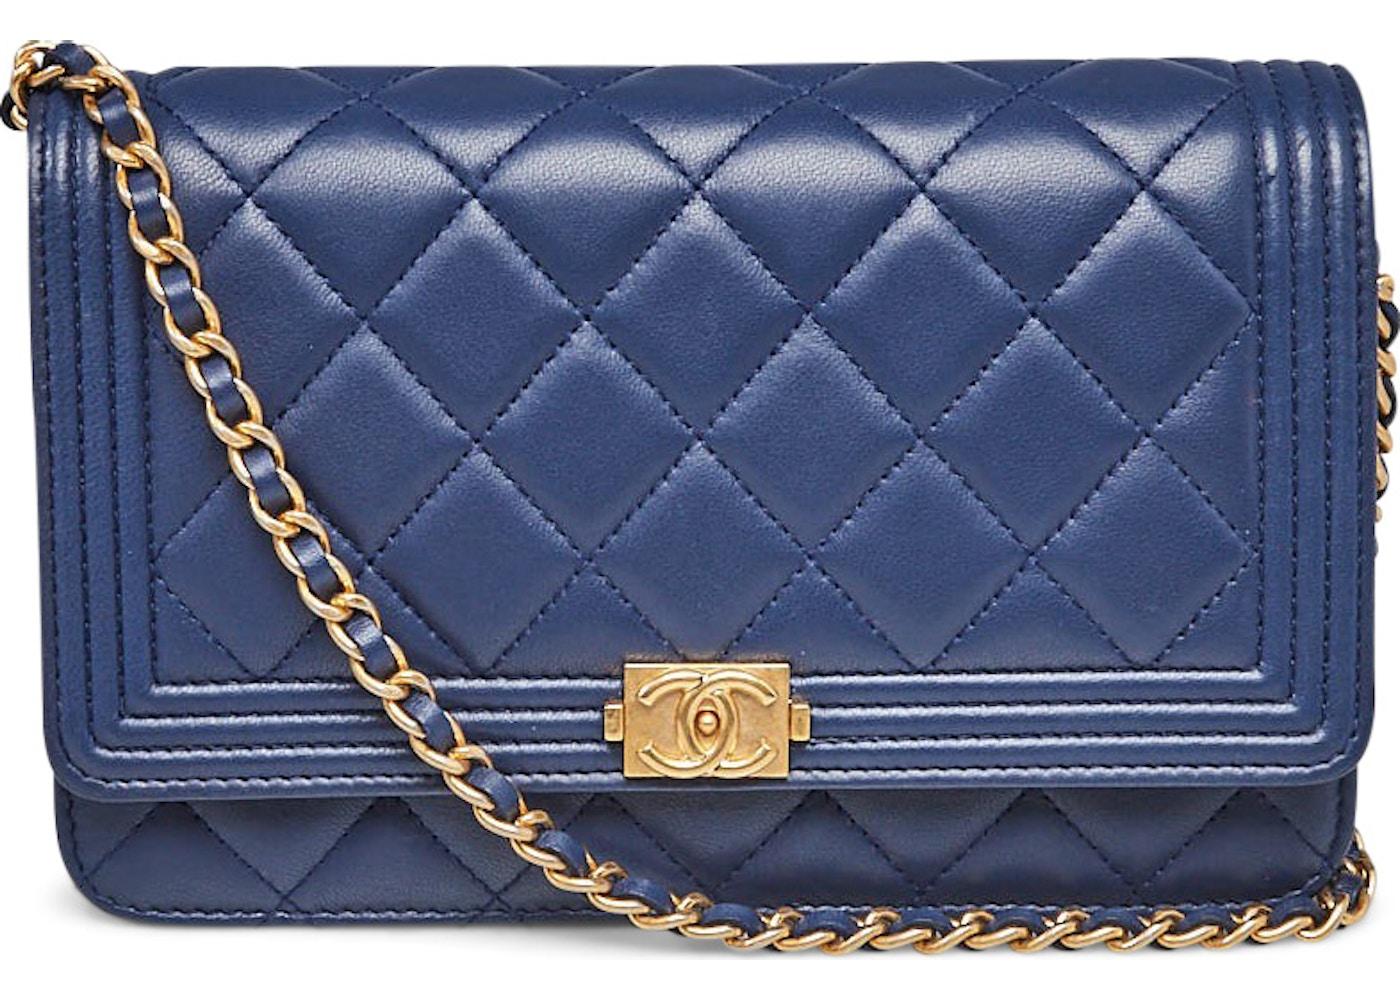 3580f14ef71d Chanel Wallet On Chain Boy Clutch Quilted Diamond Marine Blue. Quilted  Diamond Marine Blue